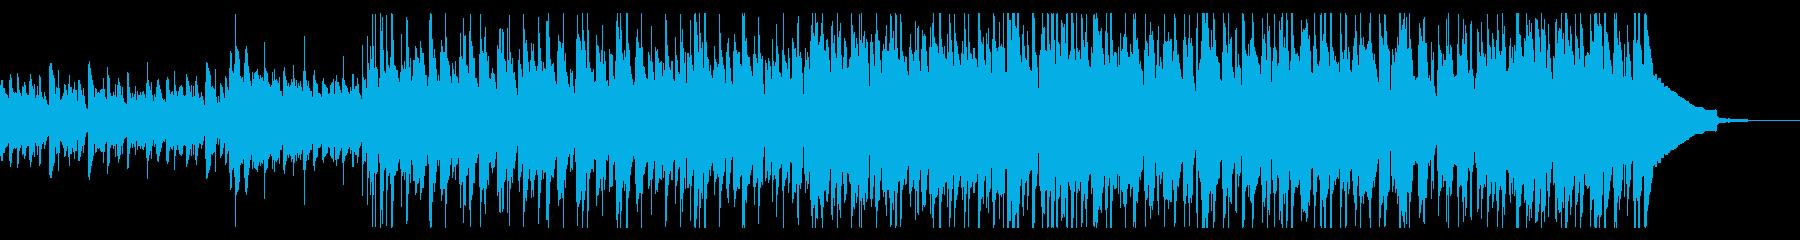 スタートの扉ーカントリースタイルの再生済みの波形